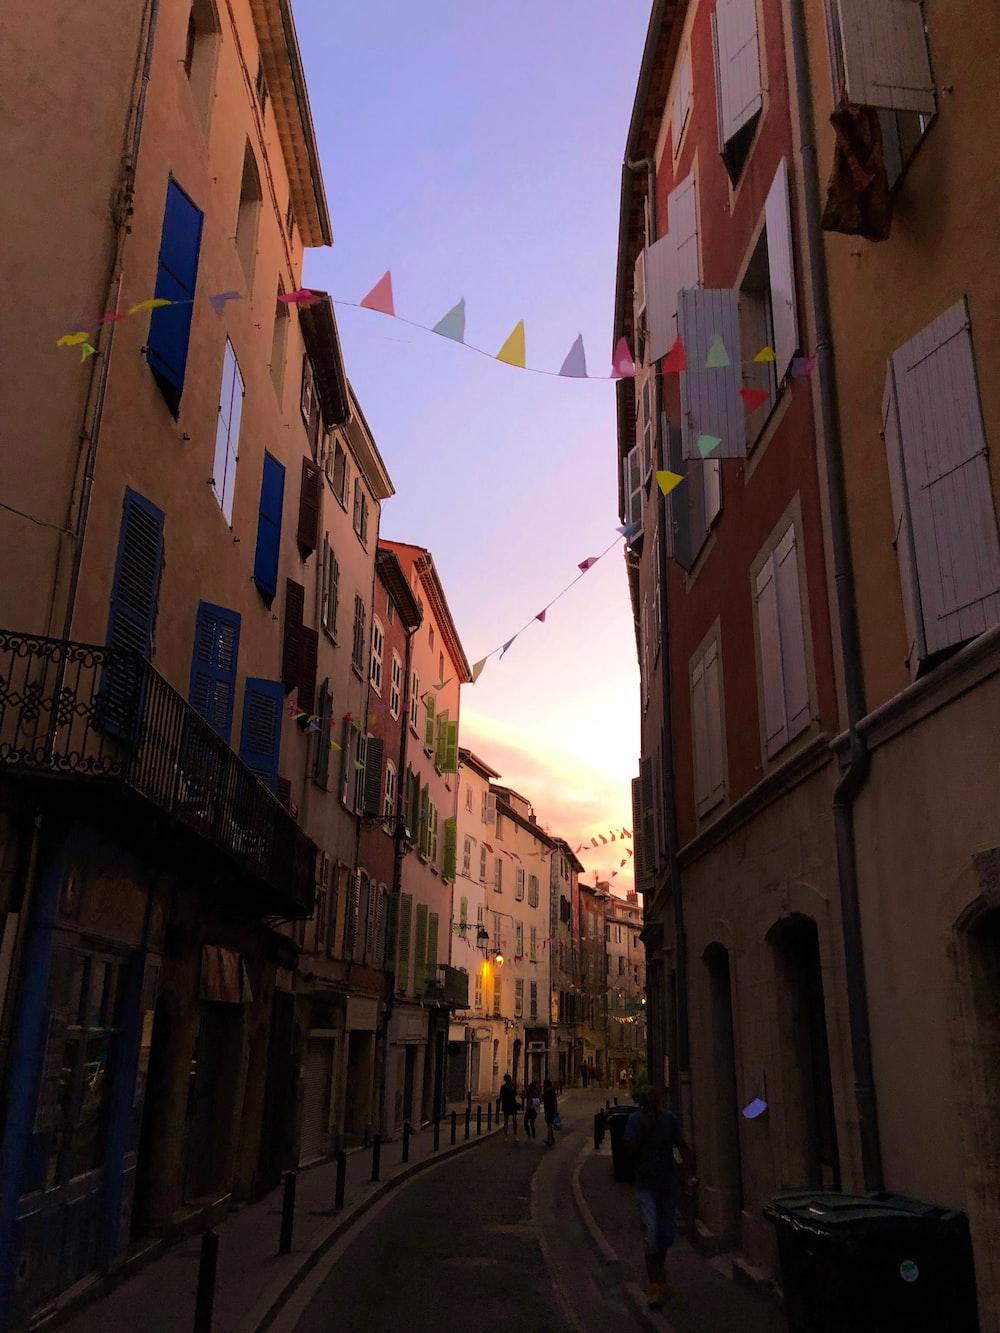 street between buildings